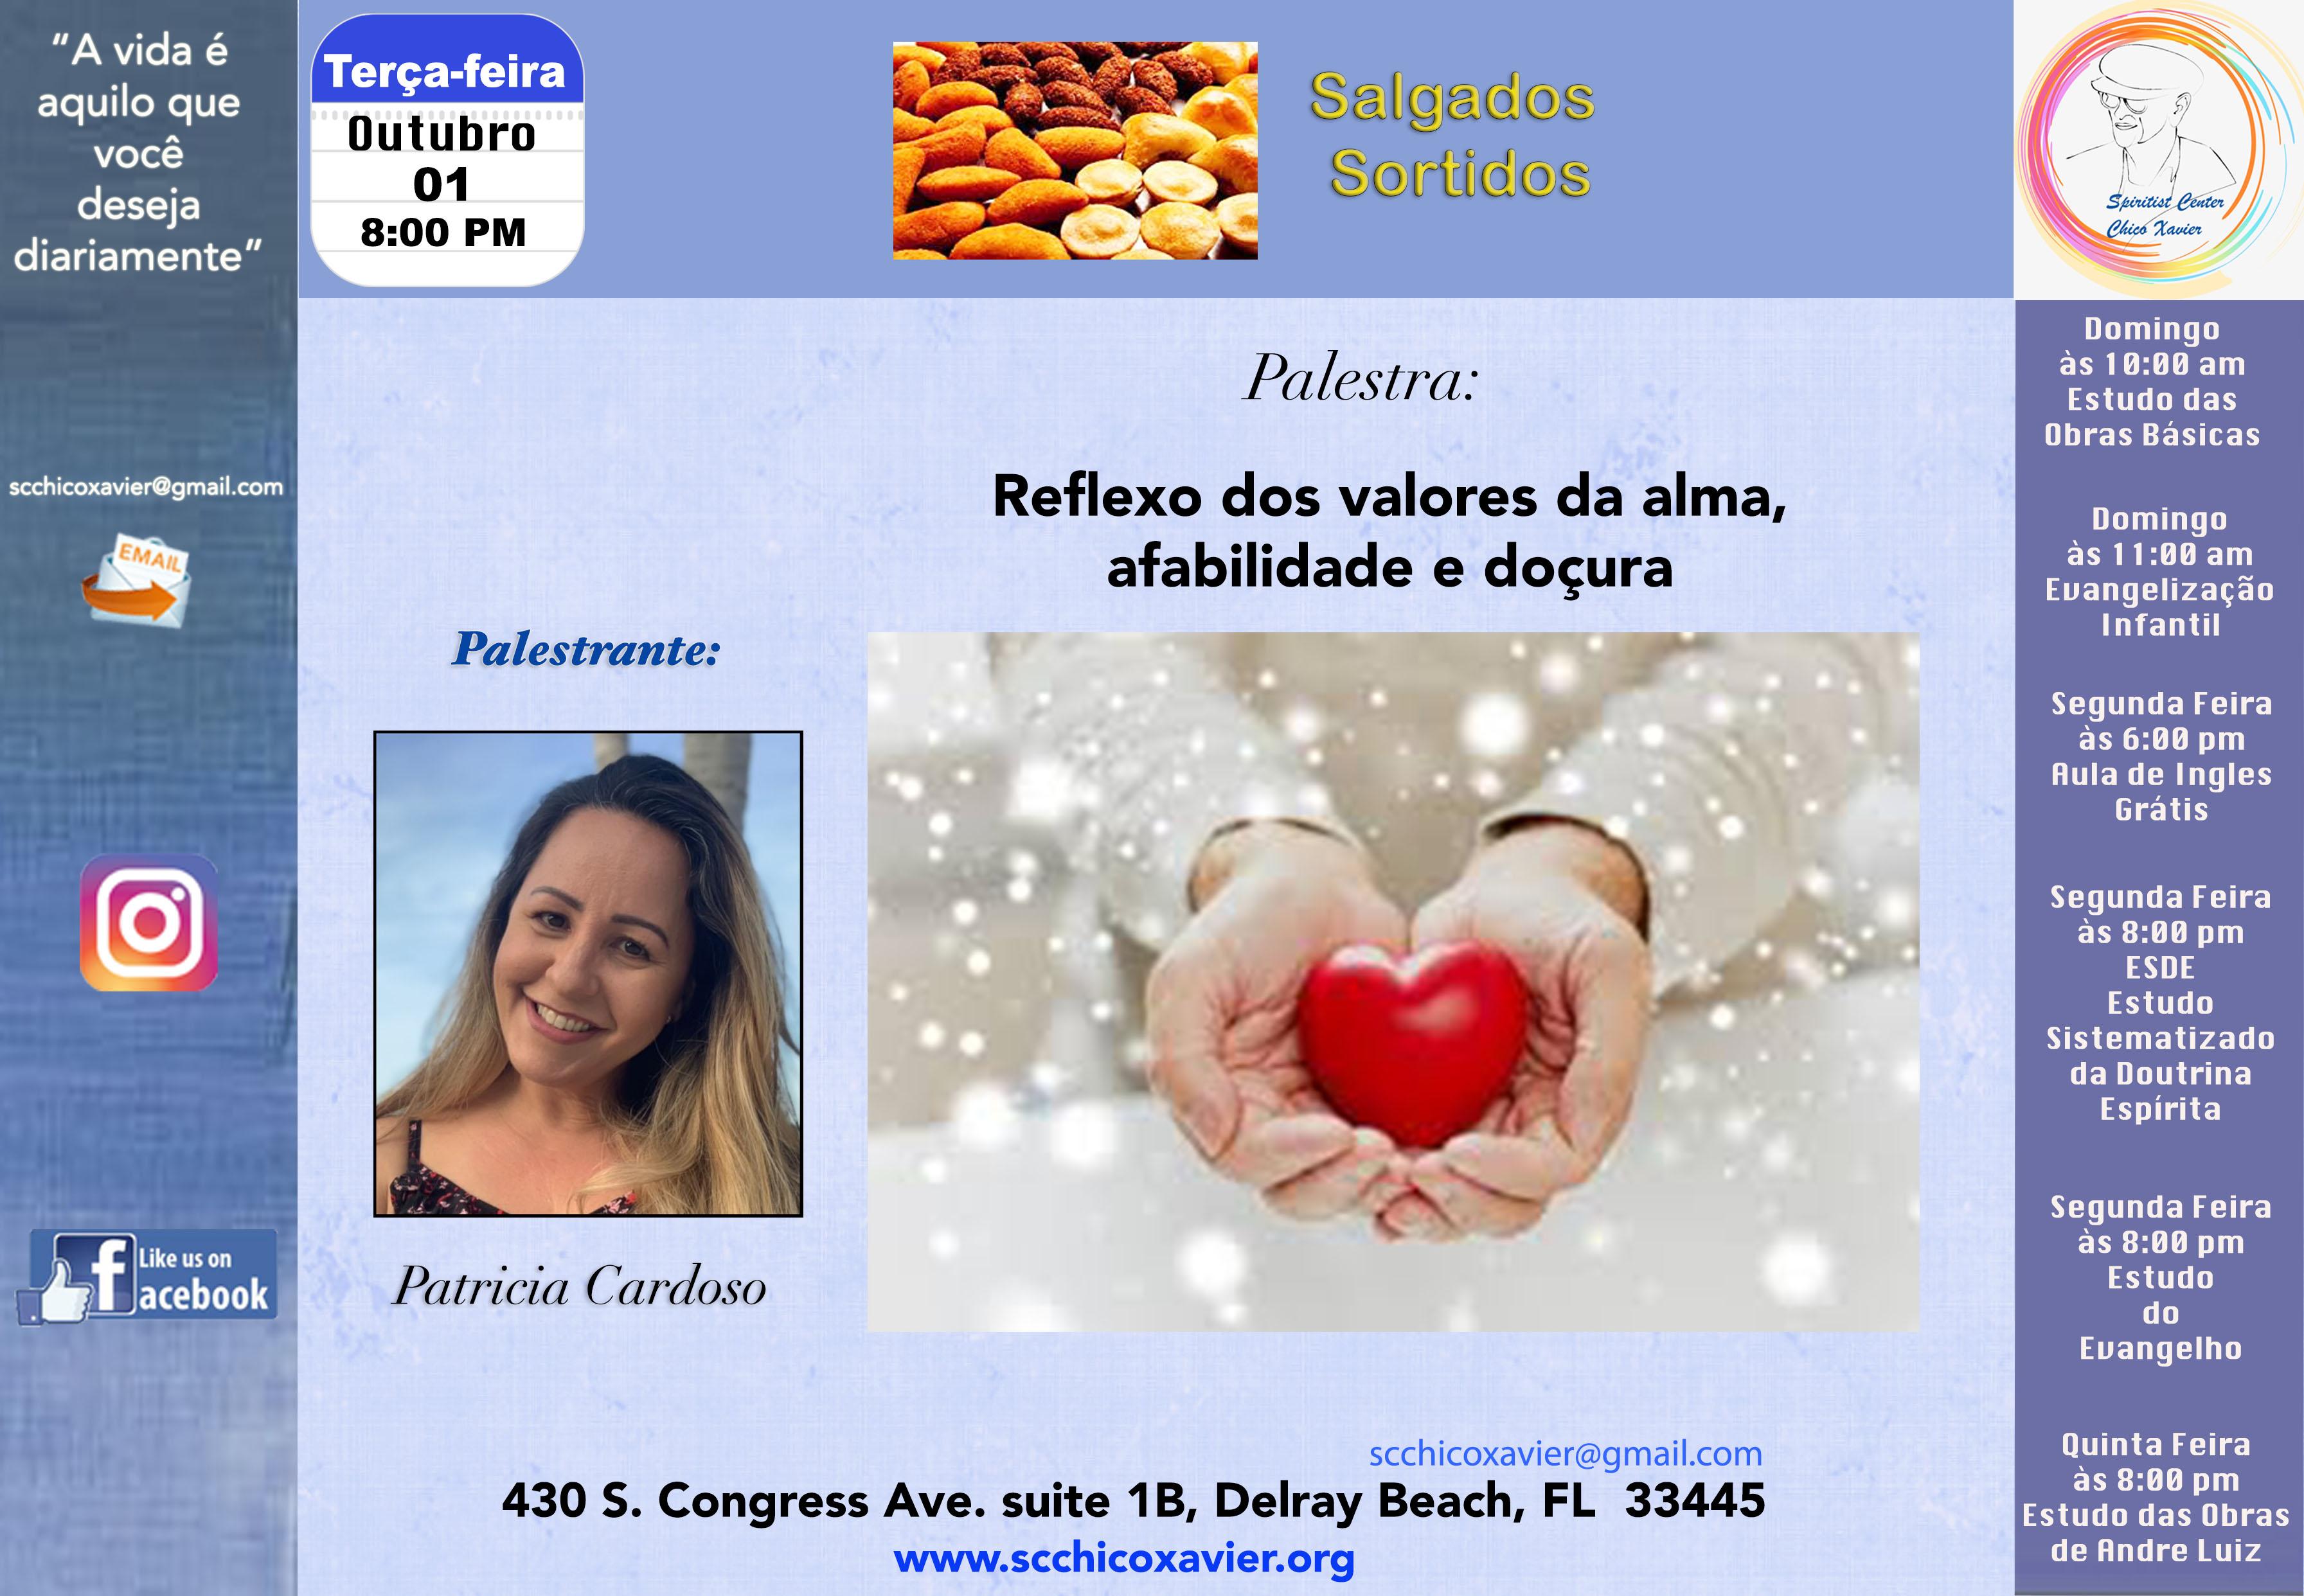 Patricia Cardoso - Reflexo dos valores da alma...